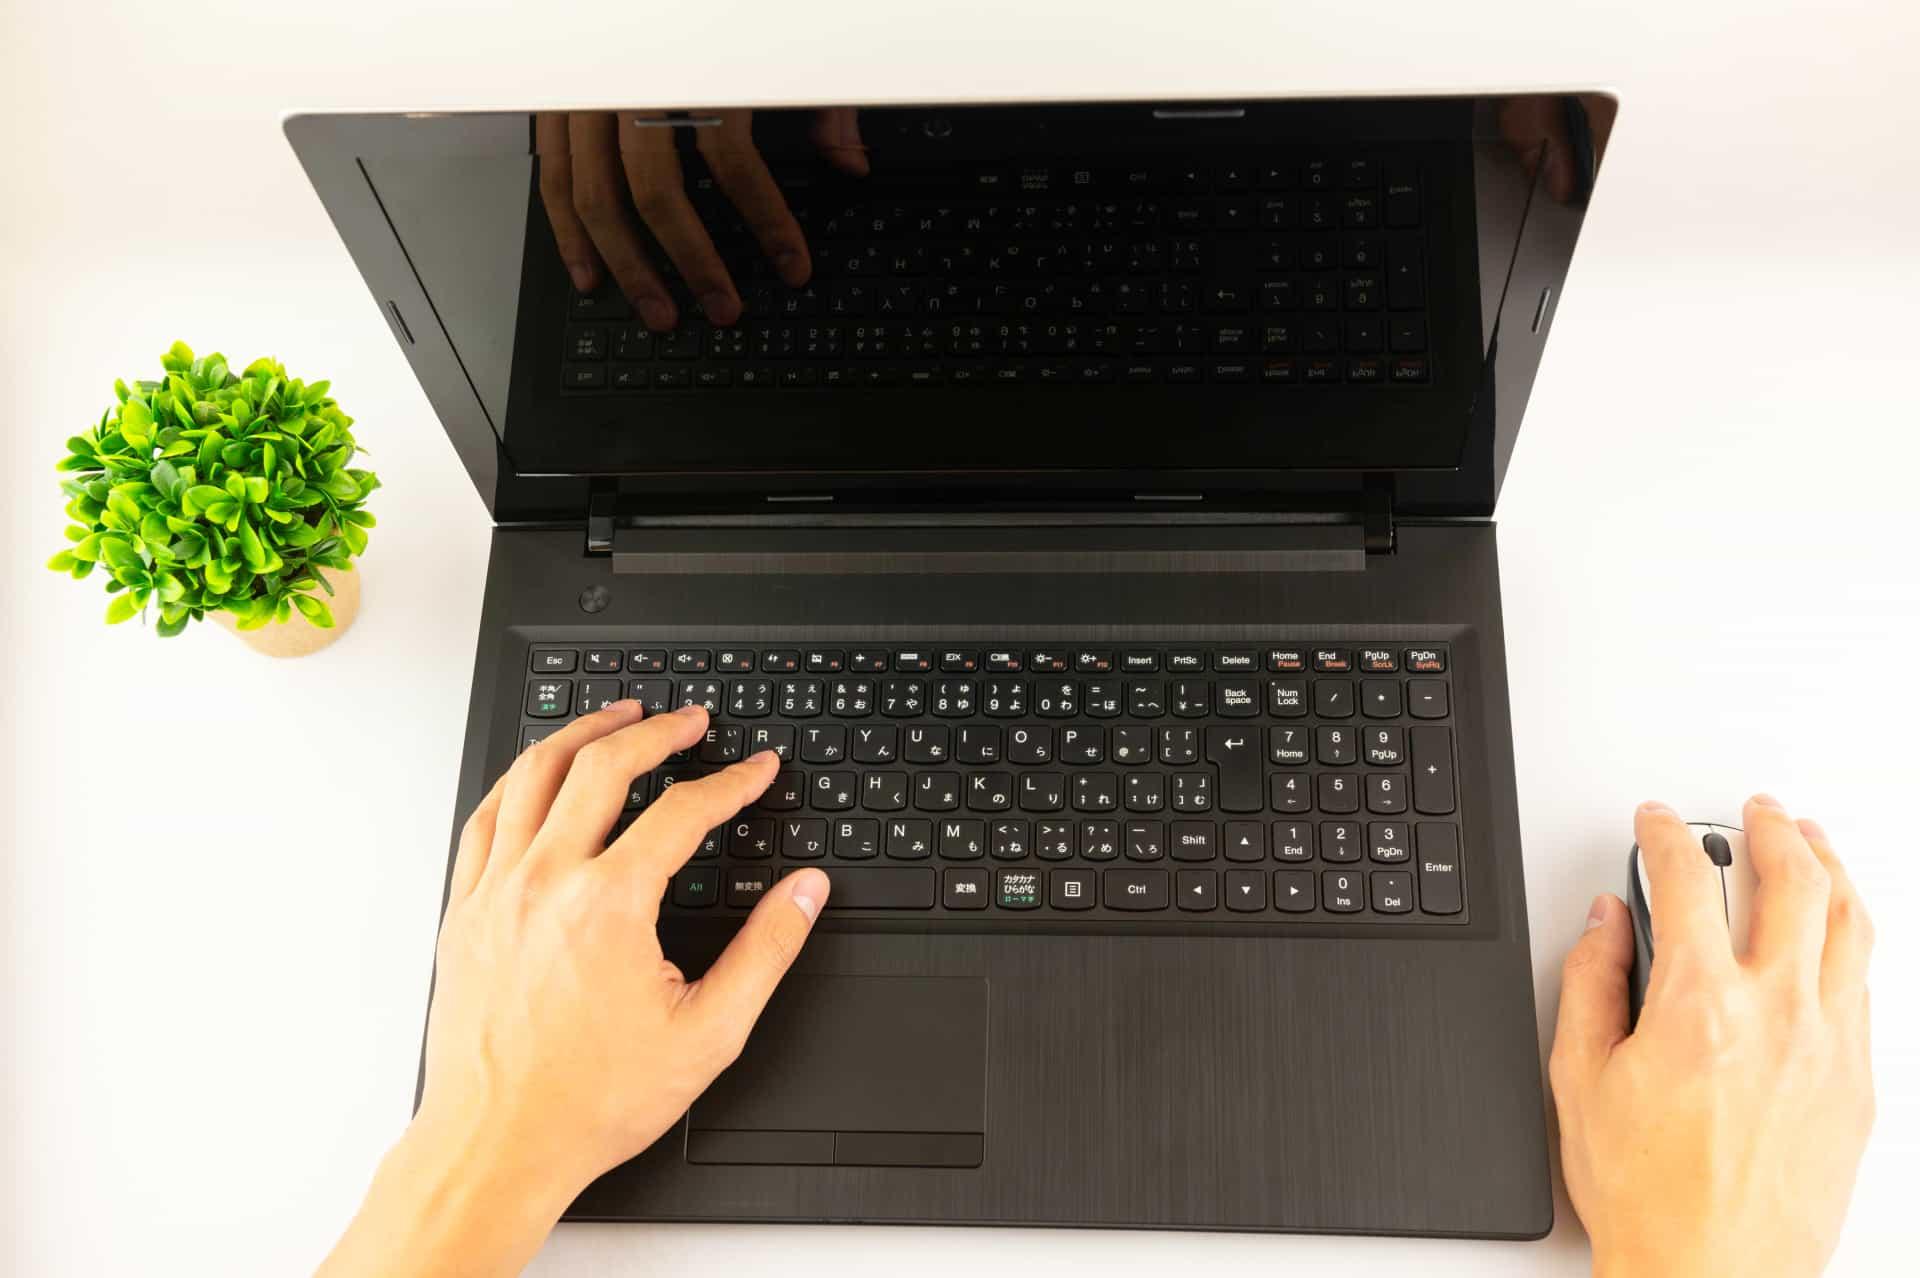 職場でパソコンのわからないこと聞かれる。自分で解決してほしいベスト5